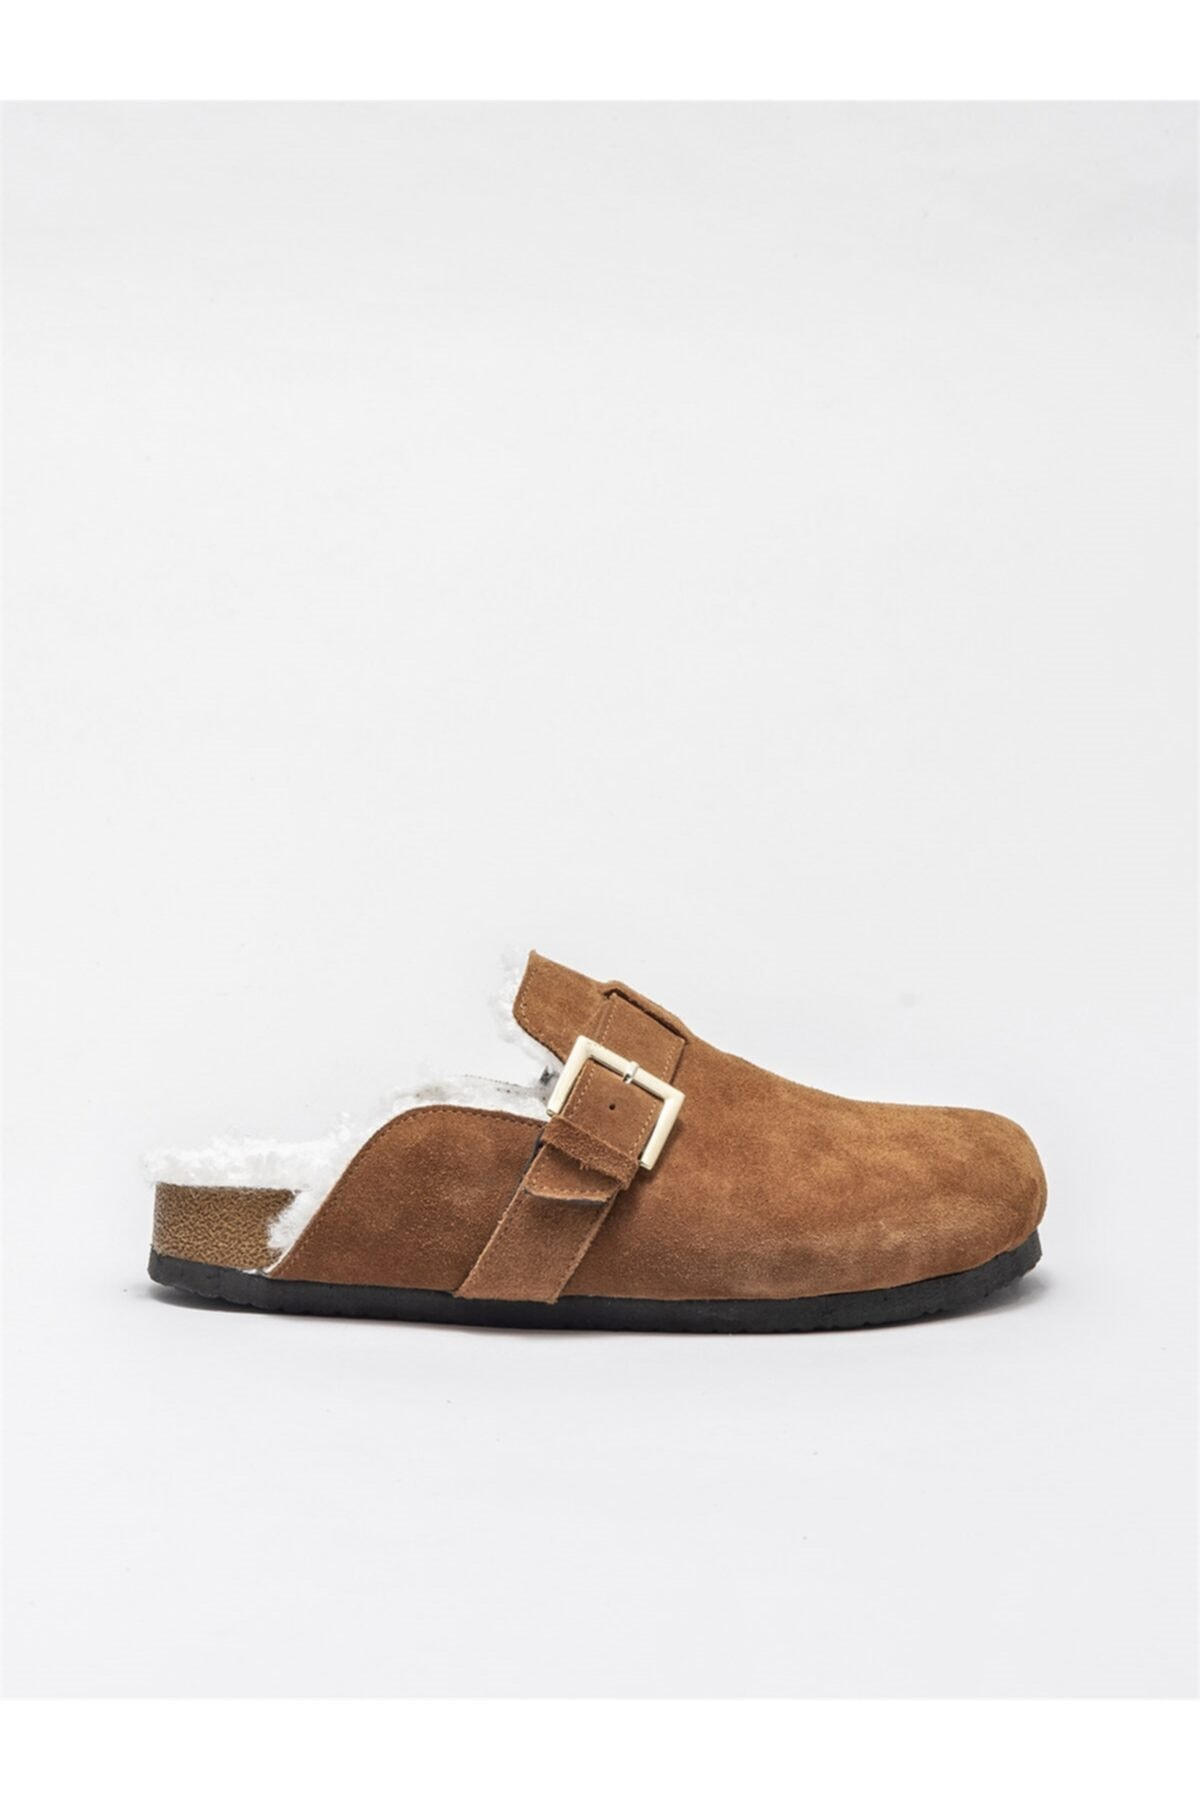 Elle Shoes Kadın Taba Terlik 1